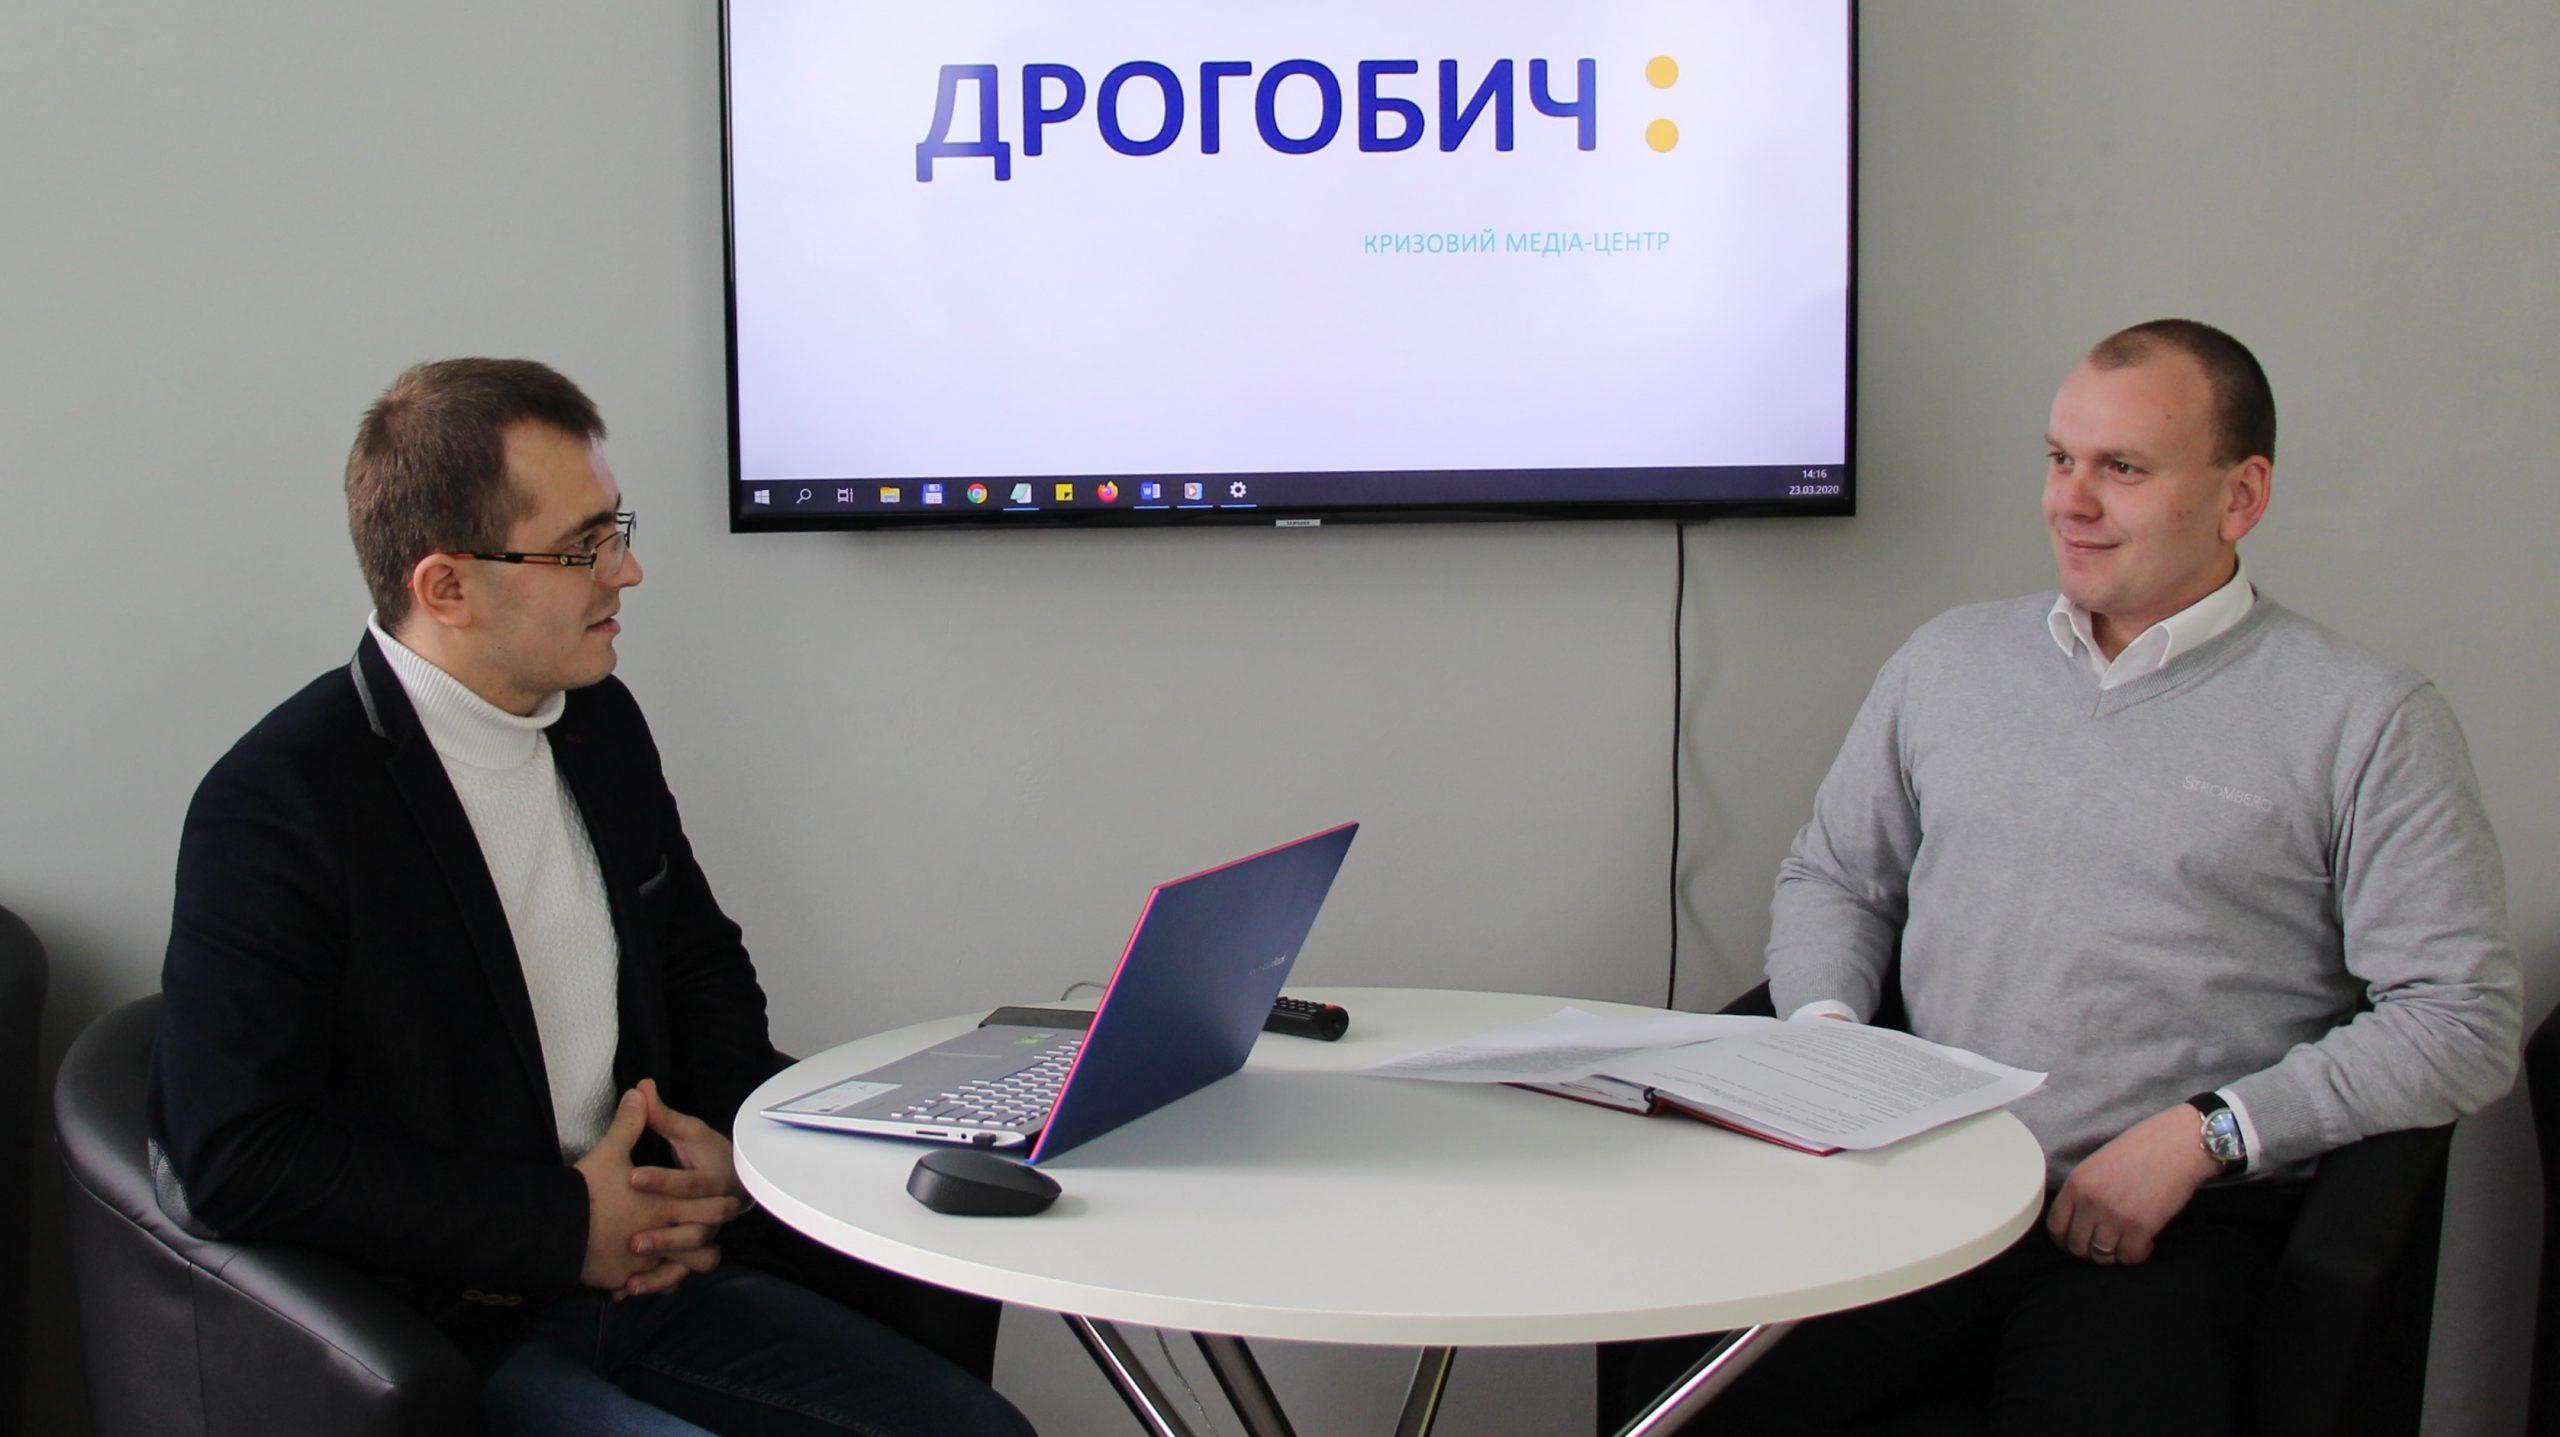 КМЦ «Дрогобич:»: Провалля біля Трускавця та дезінфекція вулиць у Дрогобичі та Стебнику